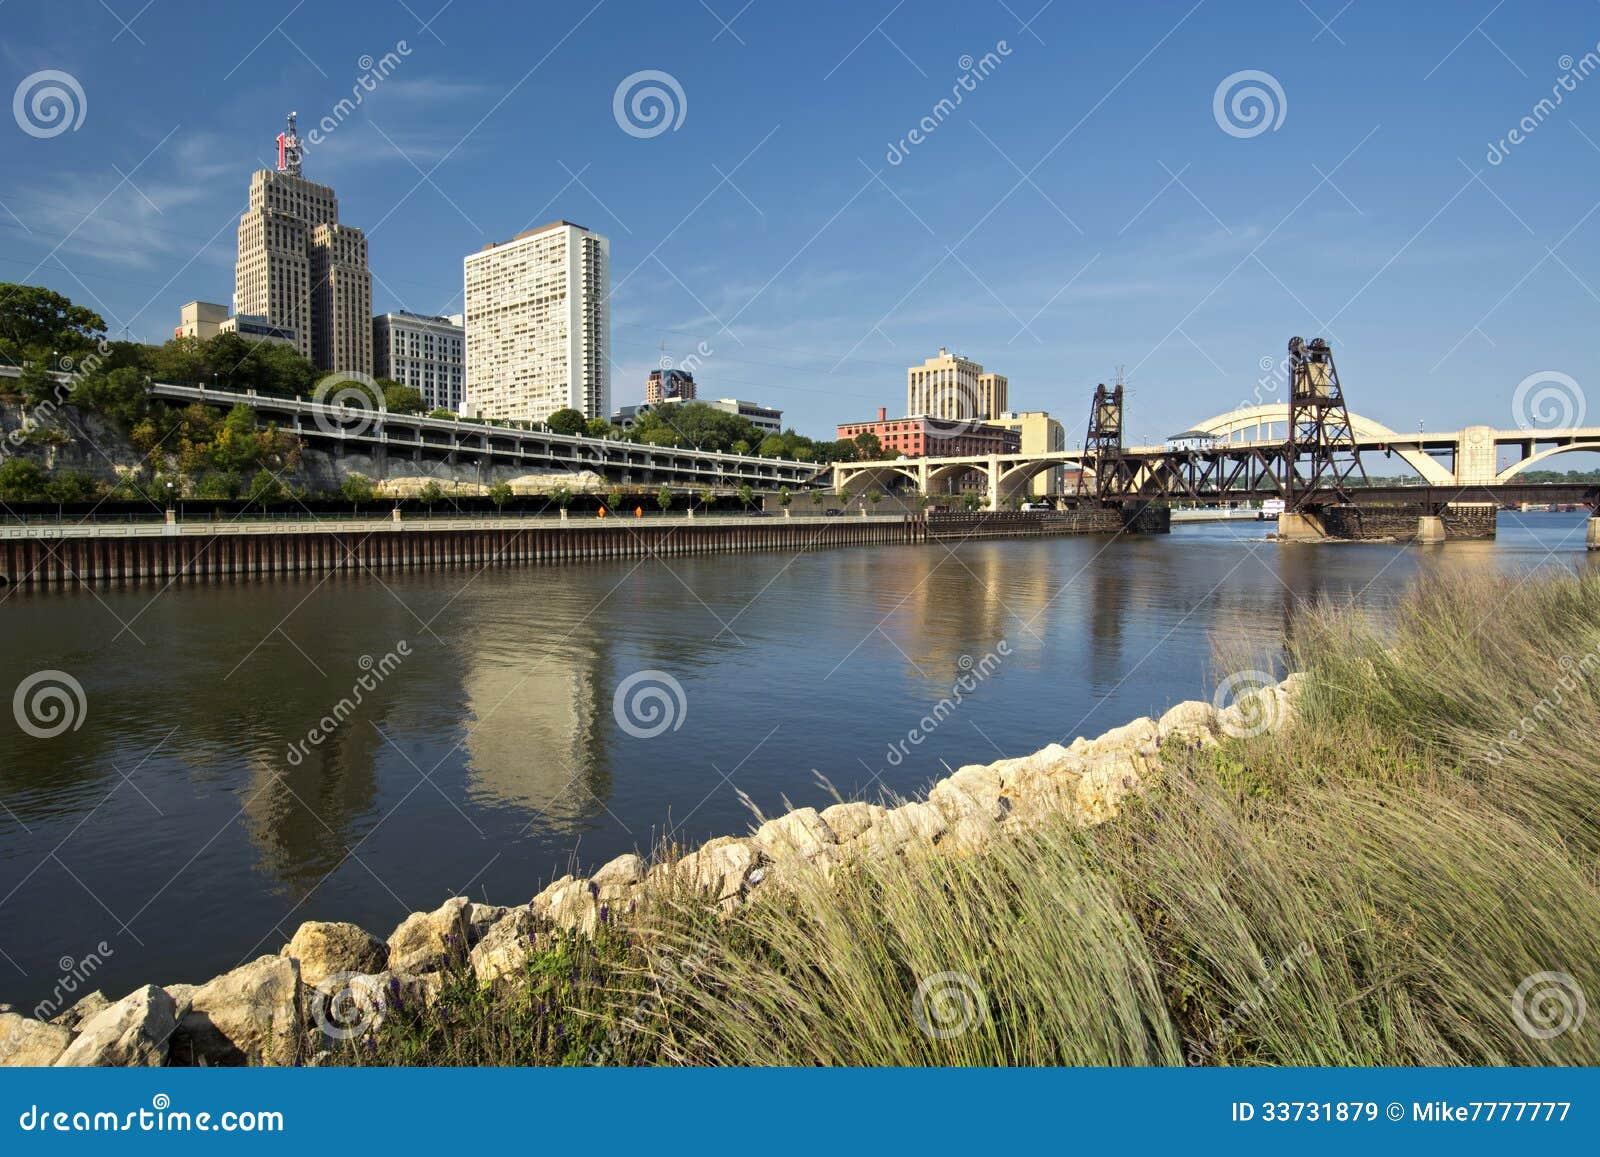 Железнодорожный путь и мост улицы Роберта. Городское St Paul, Минесота